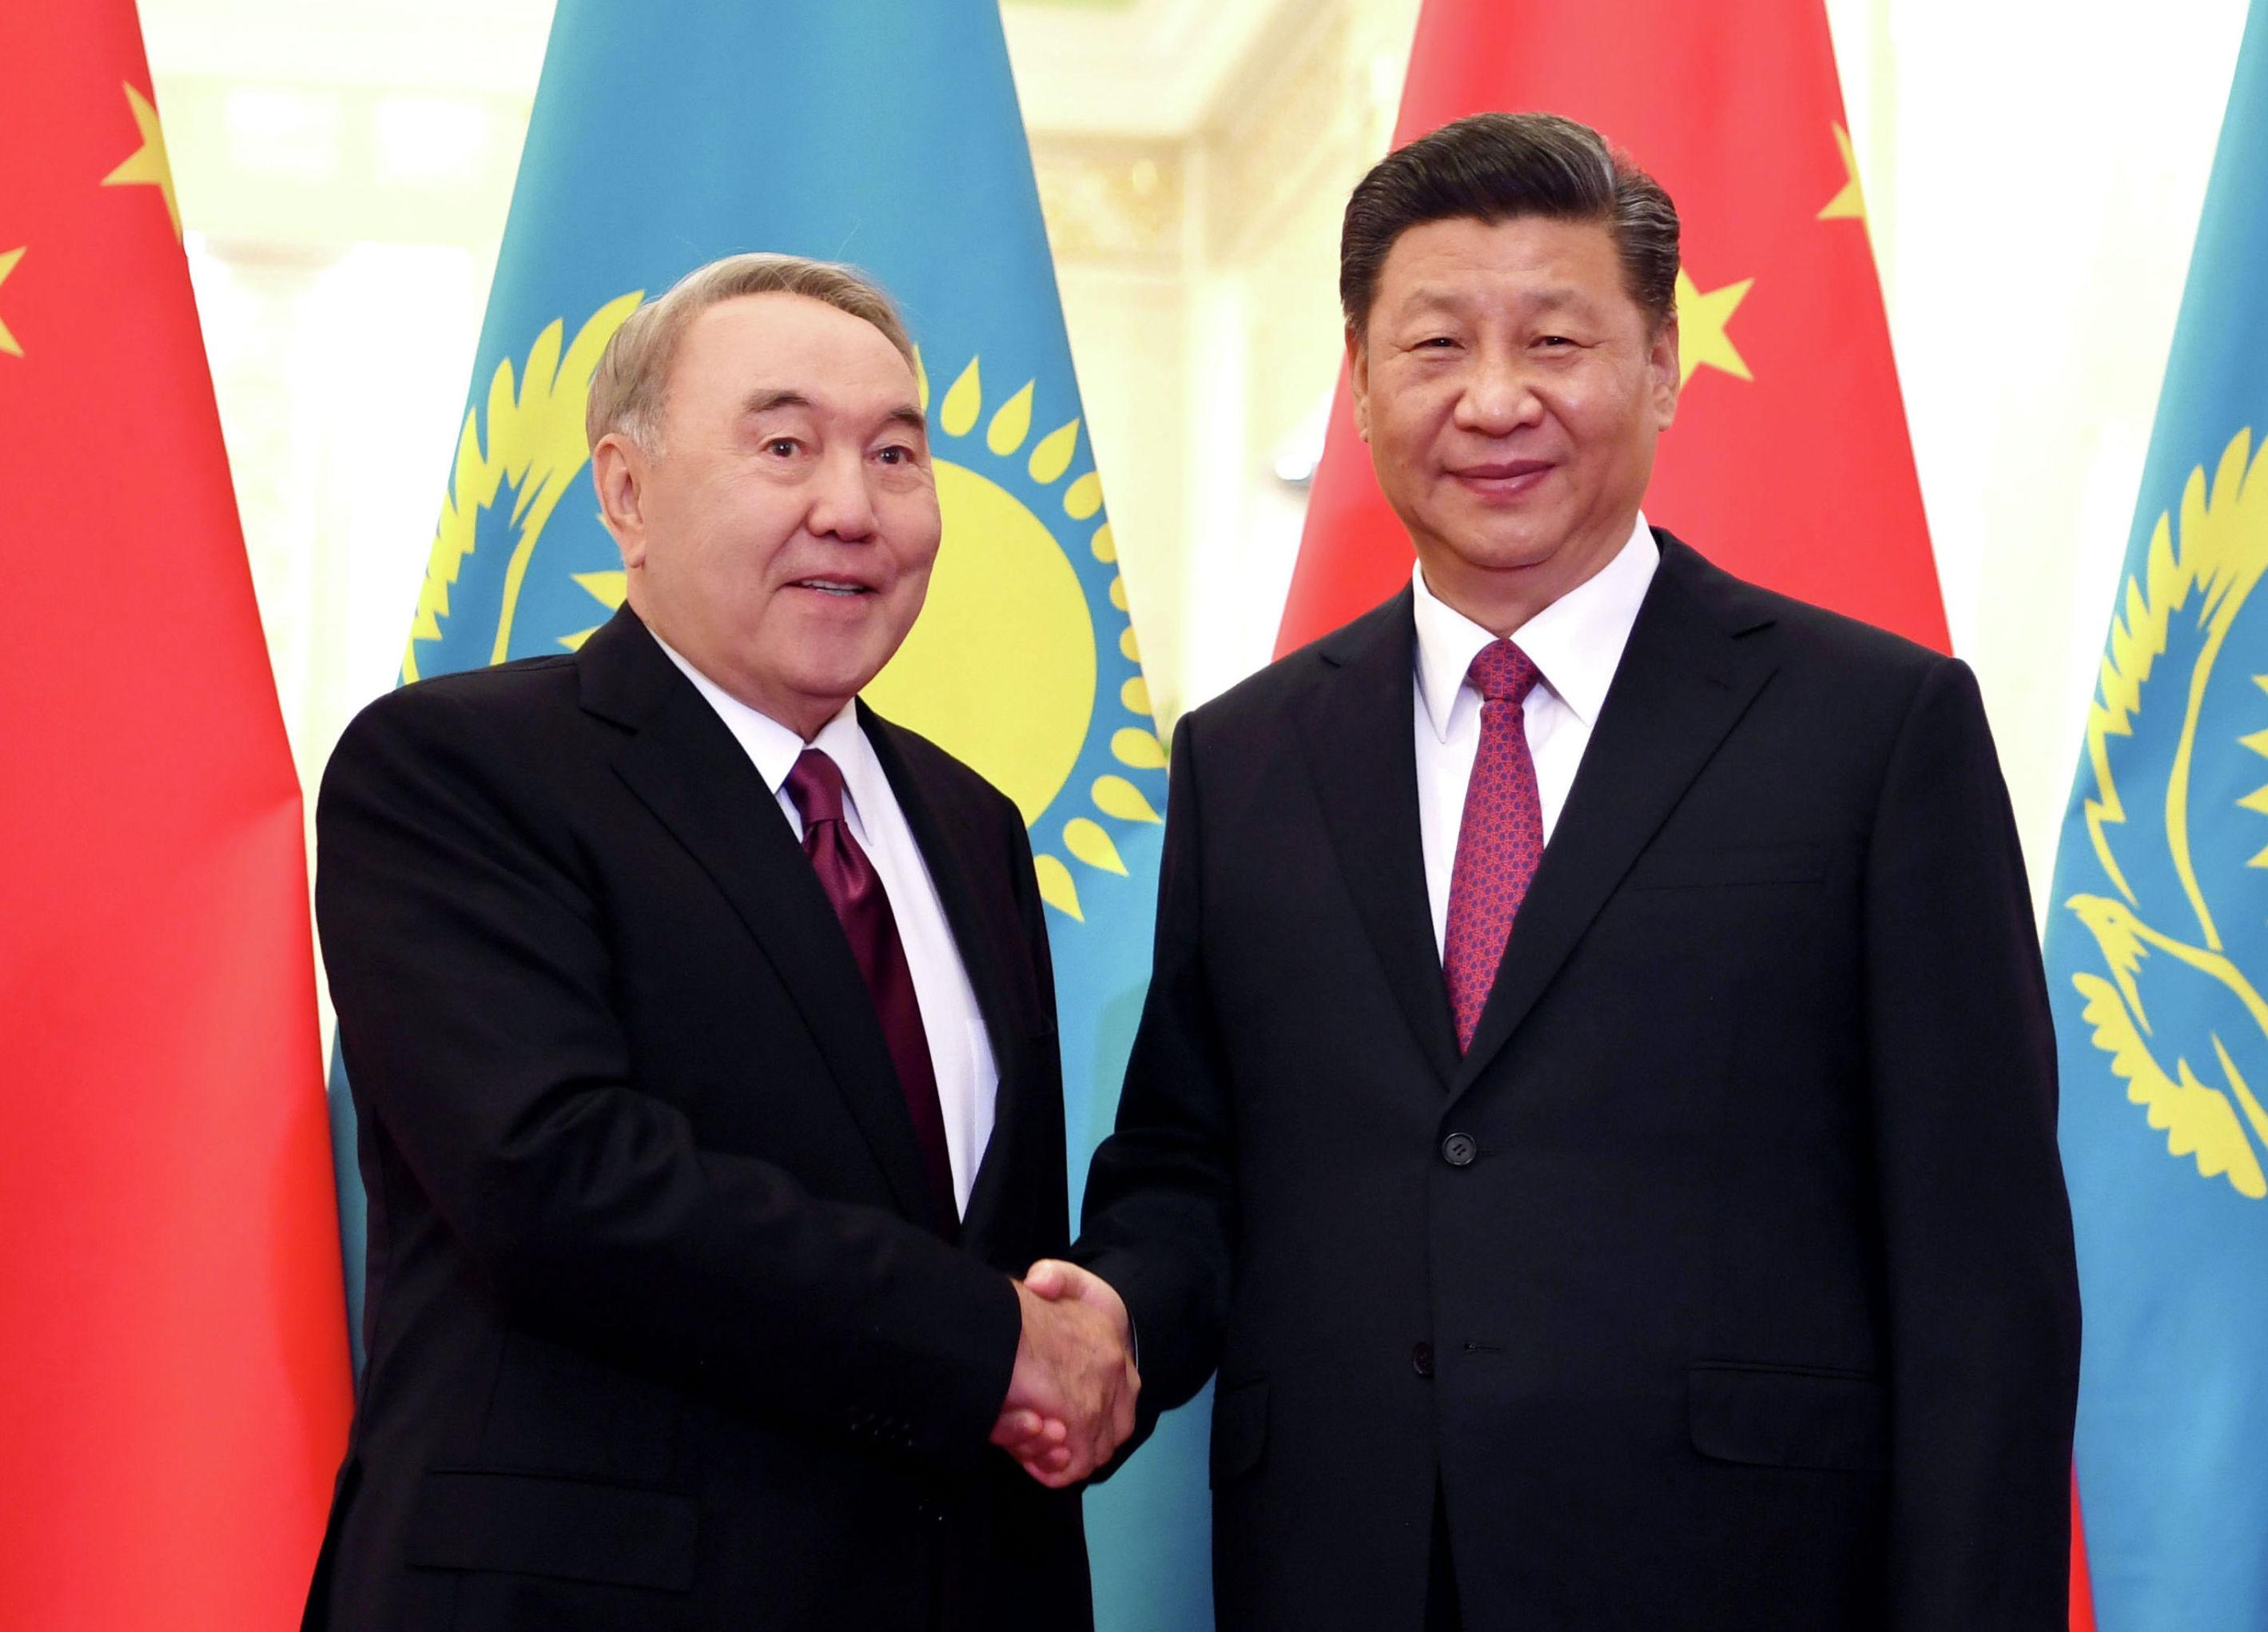 Первый Президент Казахстана Нурсултан Назарбаев встретился с председателем Китайской Народной Республики Си Цзиньпином